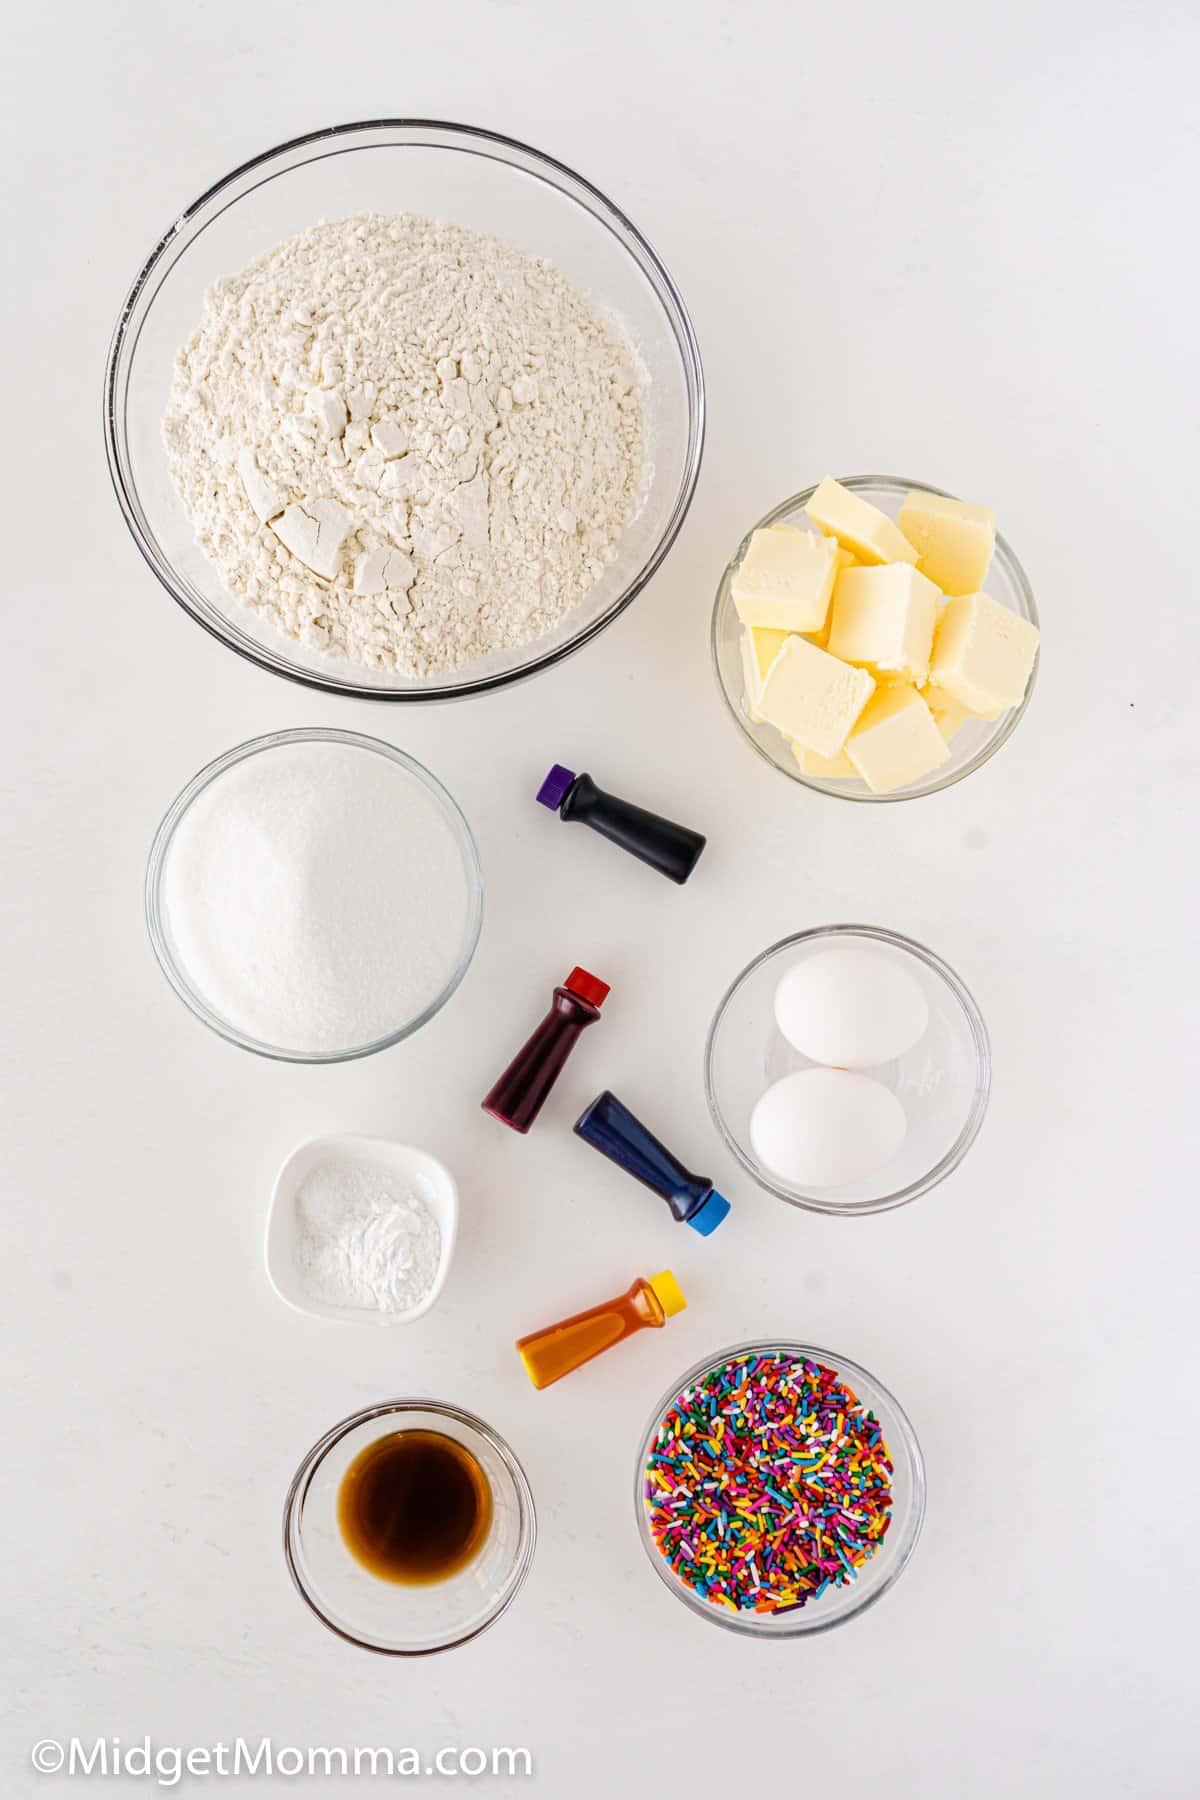 Rainbow Pinwheel Cookies Recipe ingredients